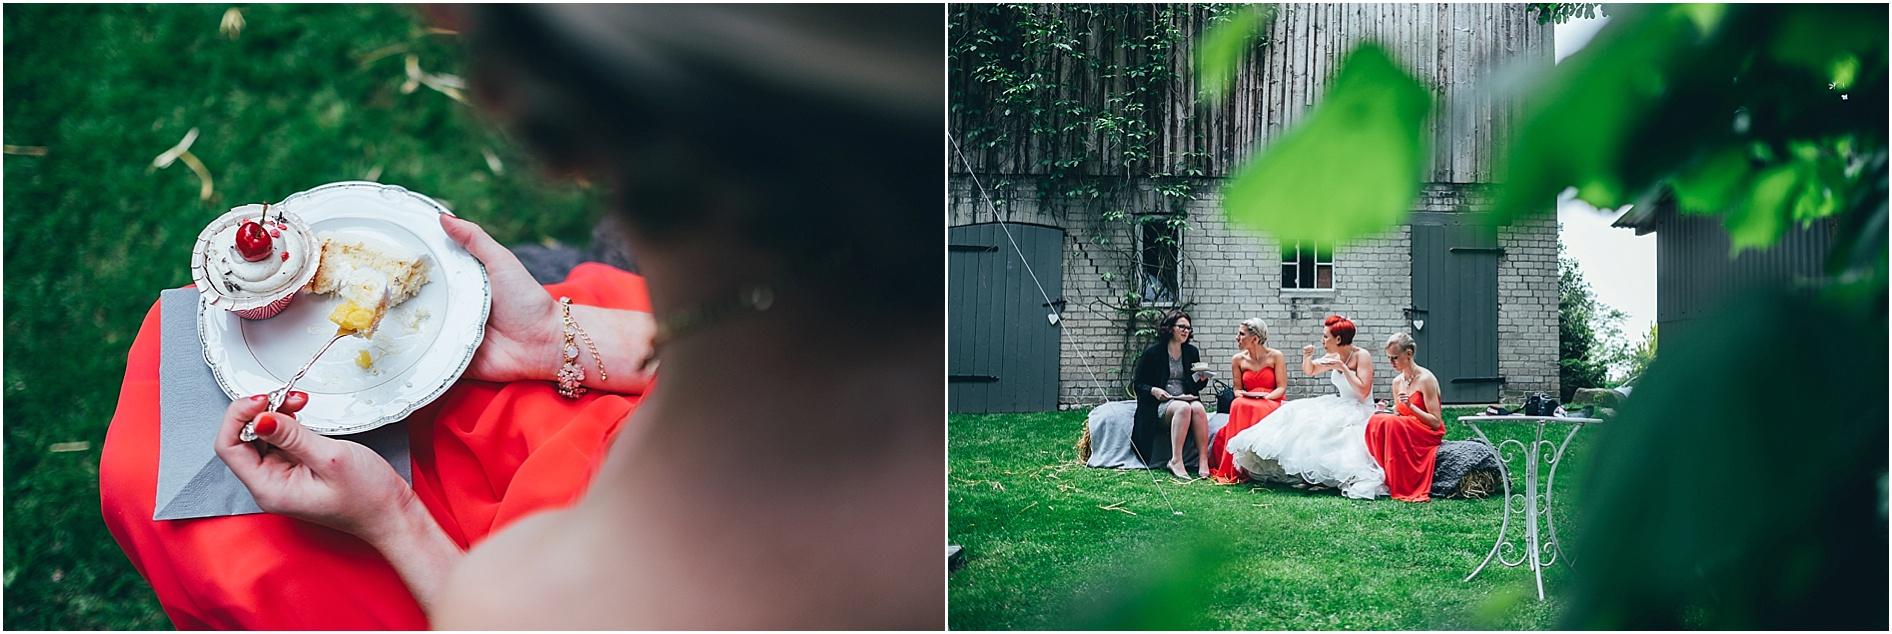 2015-10-27_0074 Tine & Chrischan - Hochzeitsfilm & Fotos in Lüneburg